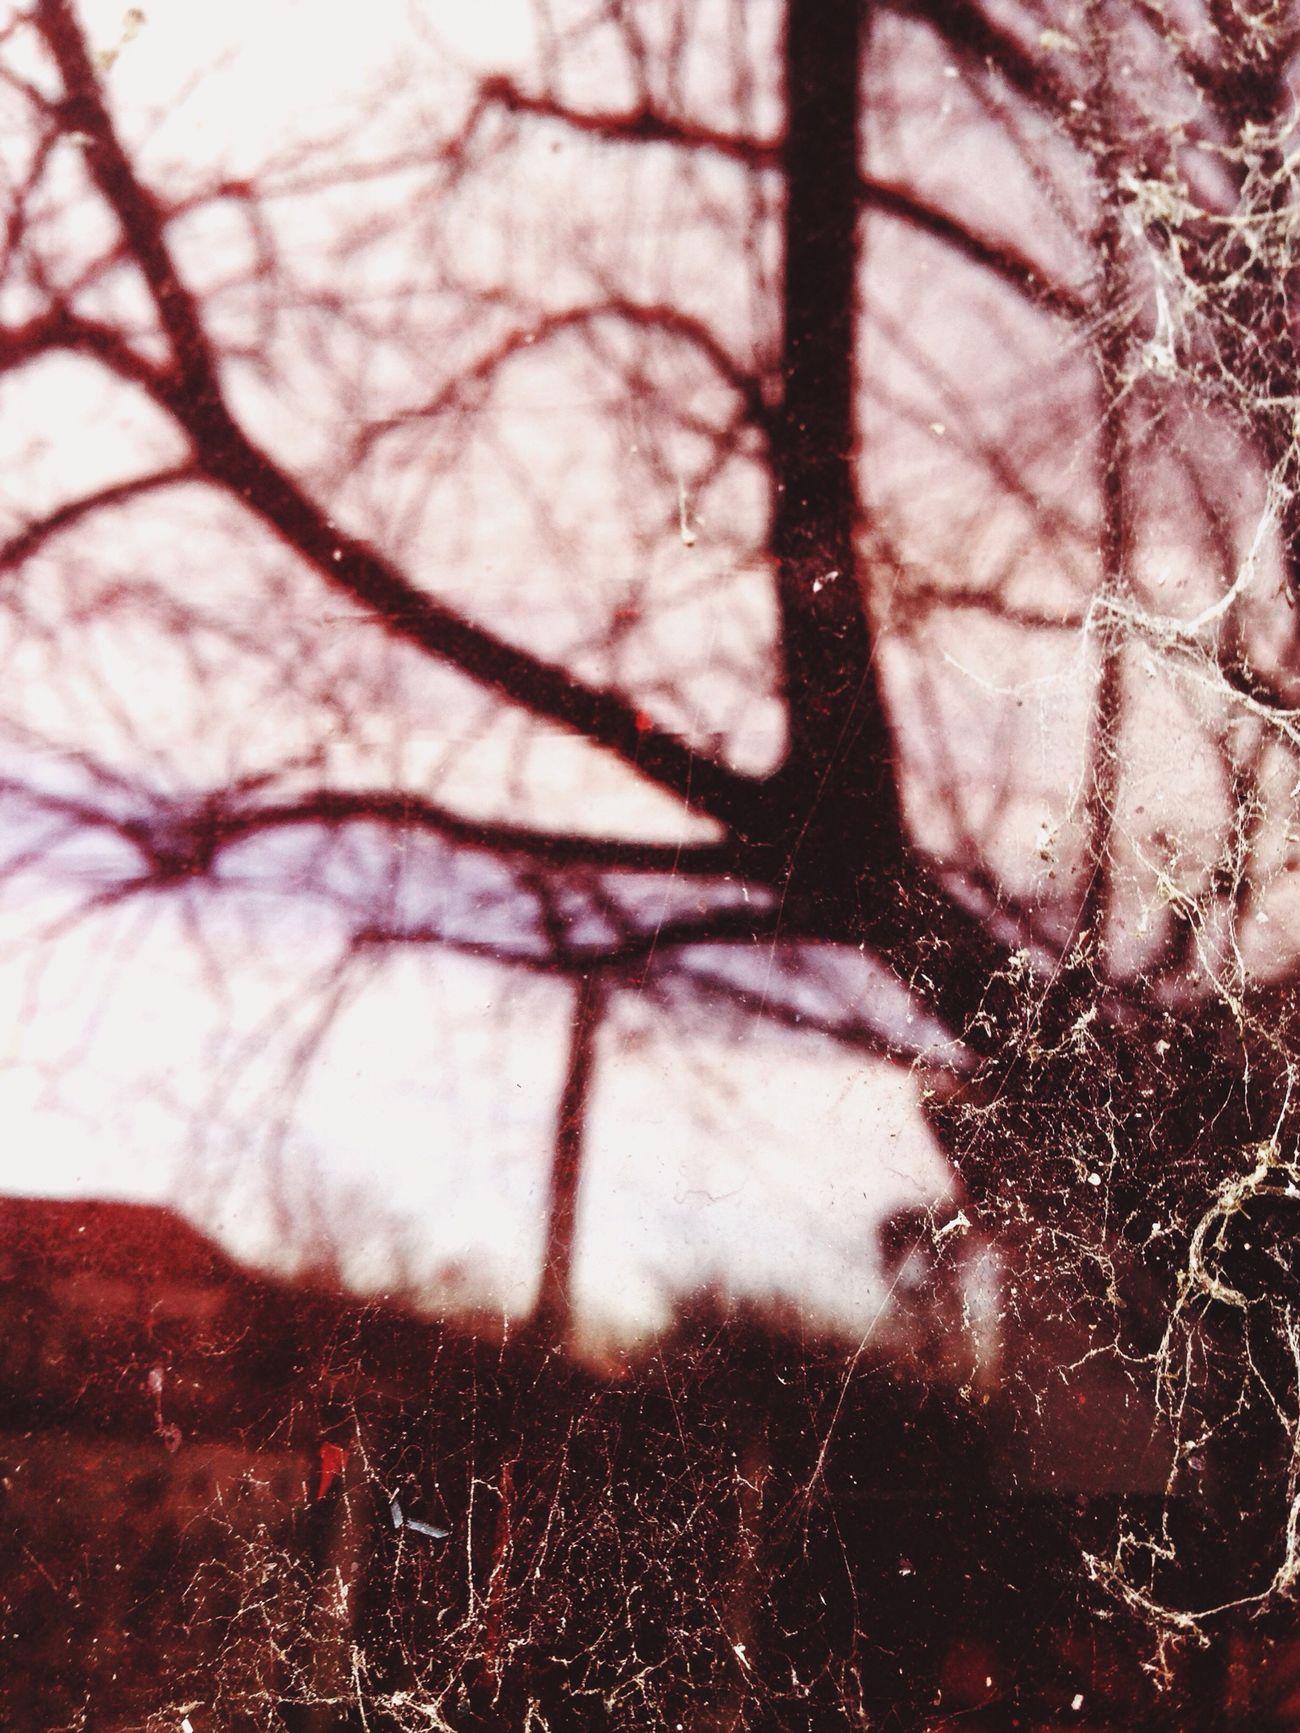 Dirty Window Red Redwindow Tree Home Spiderweb Doyoulikeit? Reflection Detail EyeEn Porto